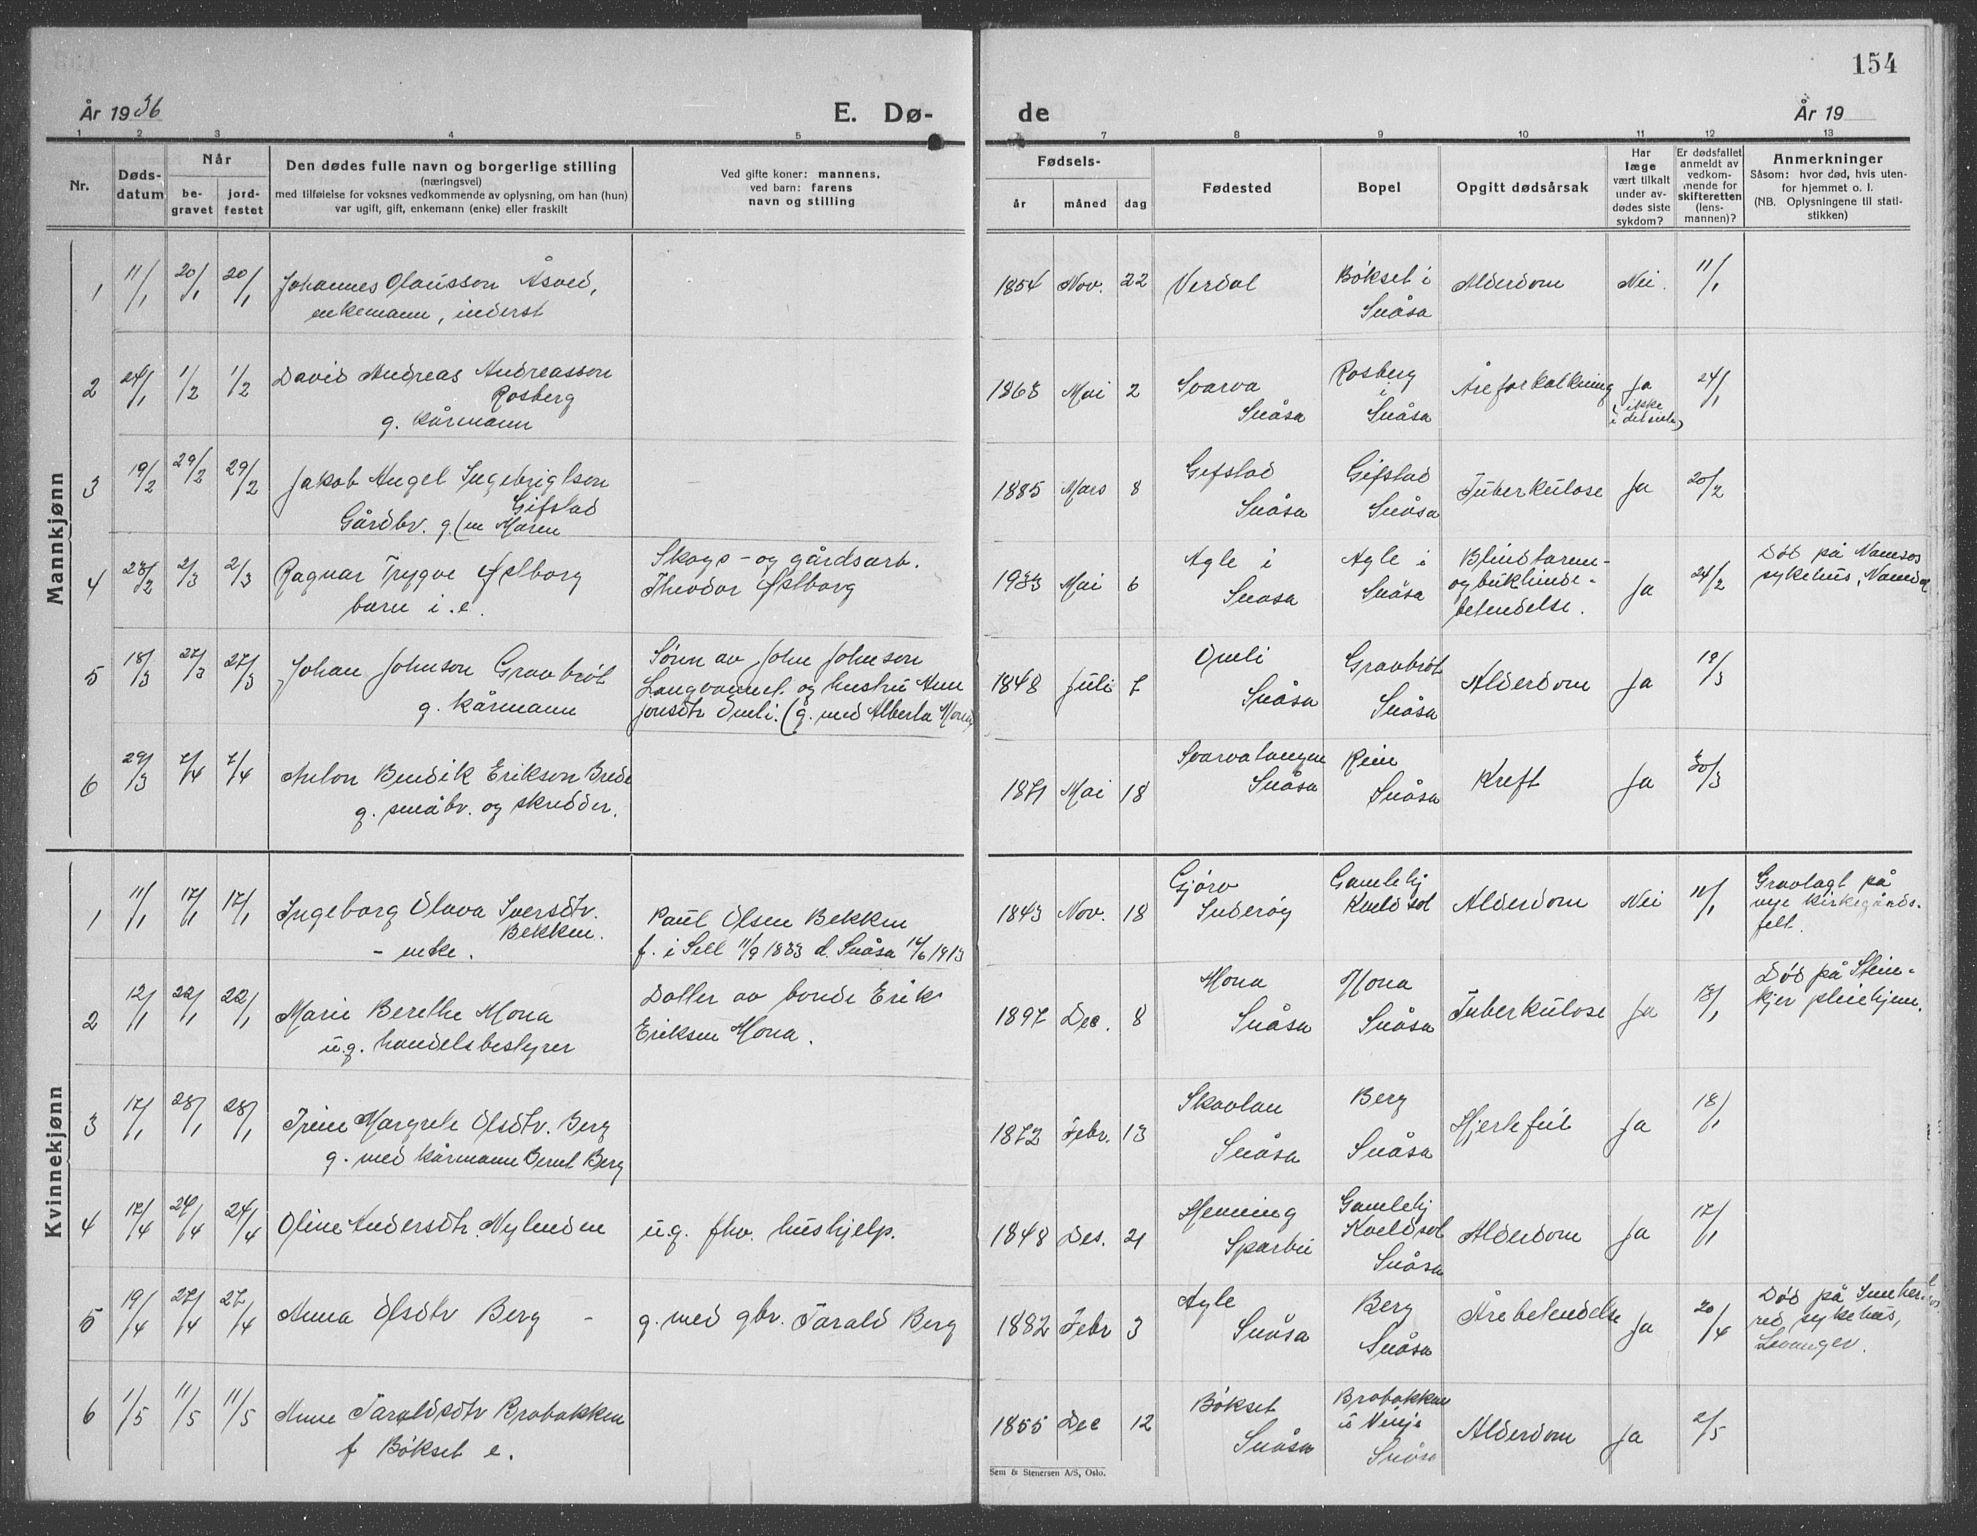 SAT, Ministerialprotokoller, klokkerbøker og fødselsregistre - Nord-Trøndelag, 749/L0481: Klokkerbok nr. 749C03, 1933-1945, s. 154